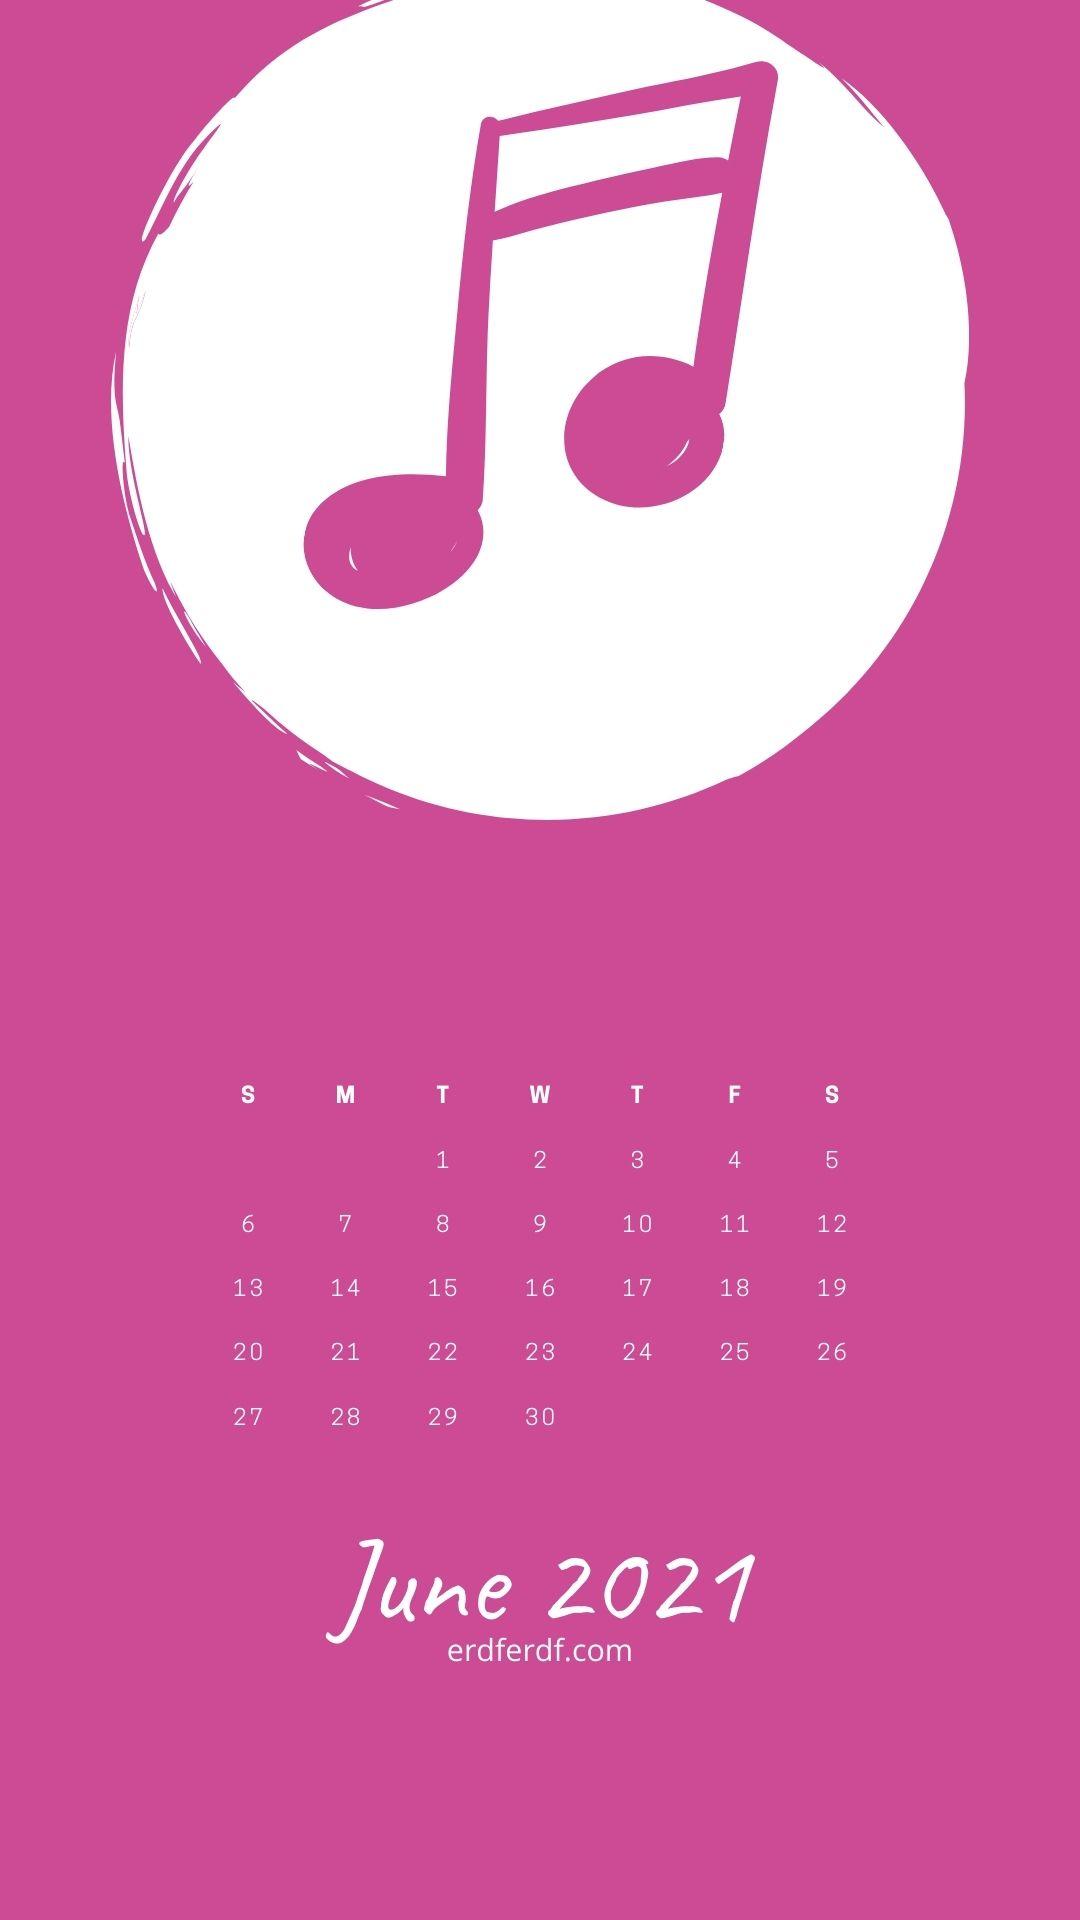 4 June 2021 Callendar Wallpaper Iphone